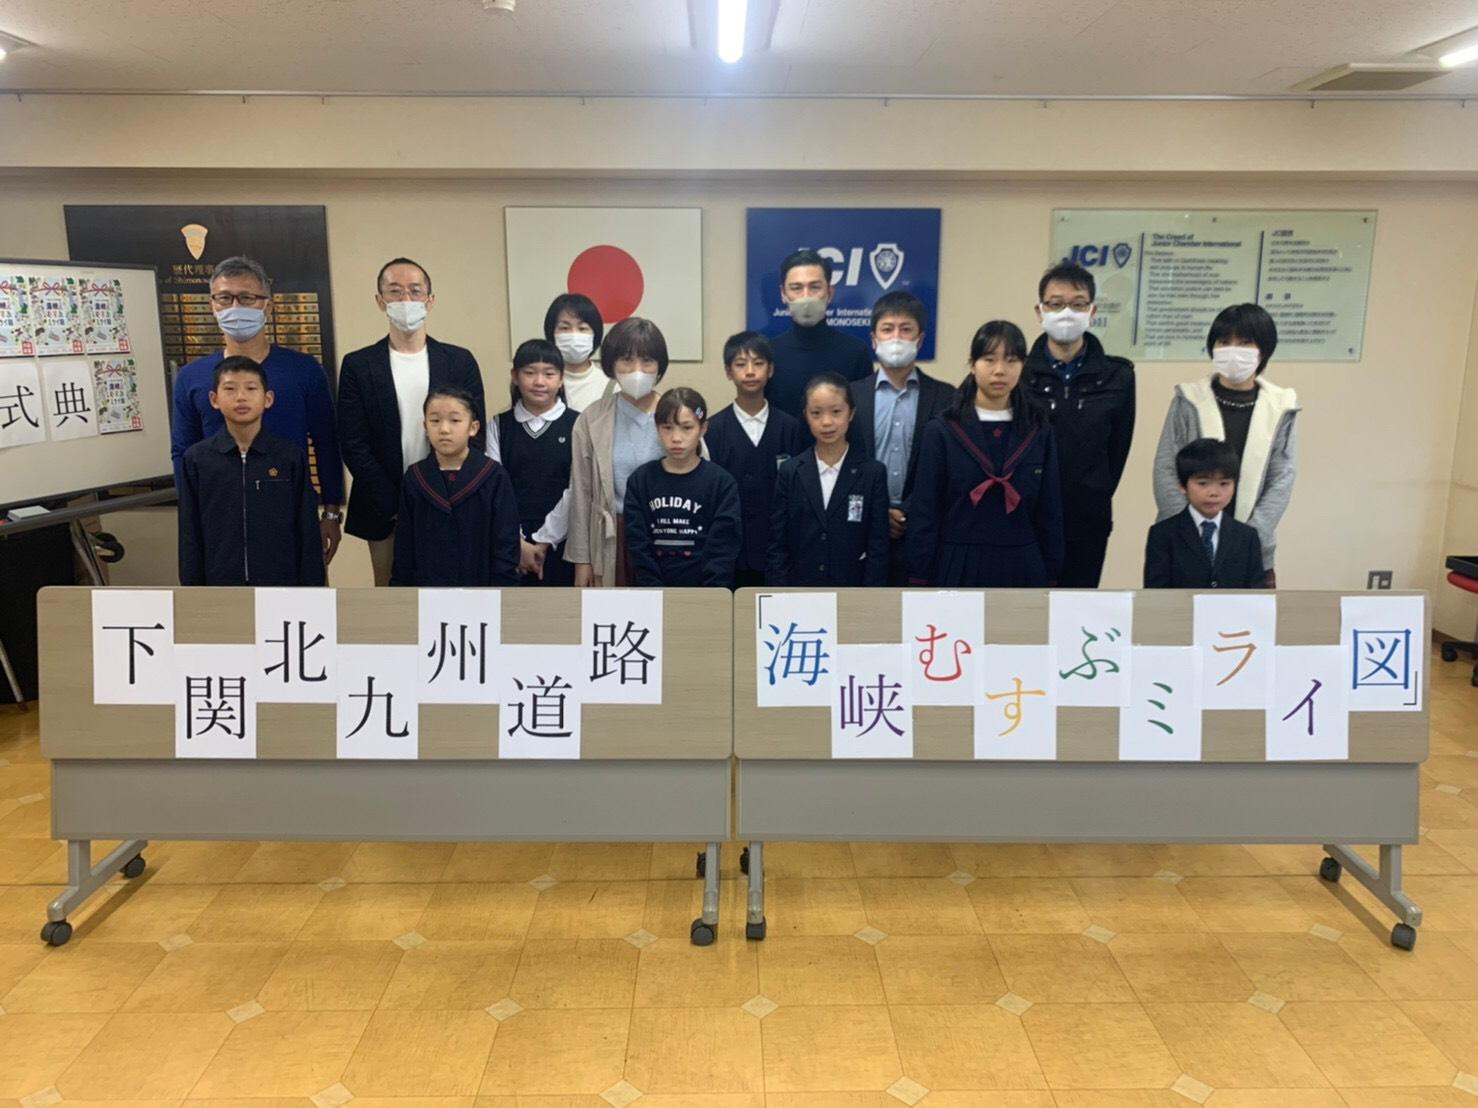 下関北九州道路『海峡むすぶミライ図』絵画受賞者表彰式のサムネイル画像5